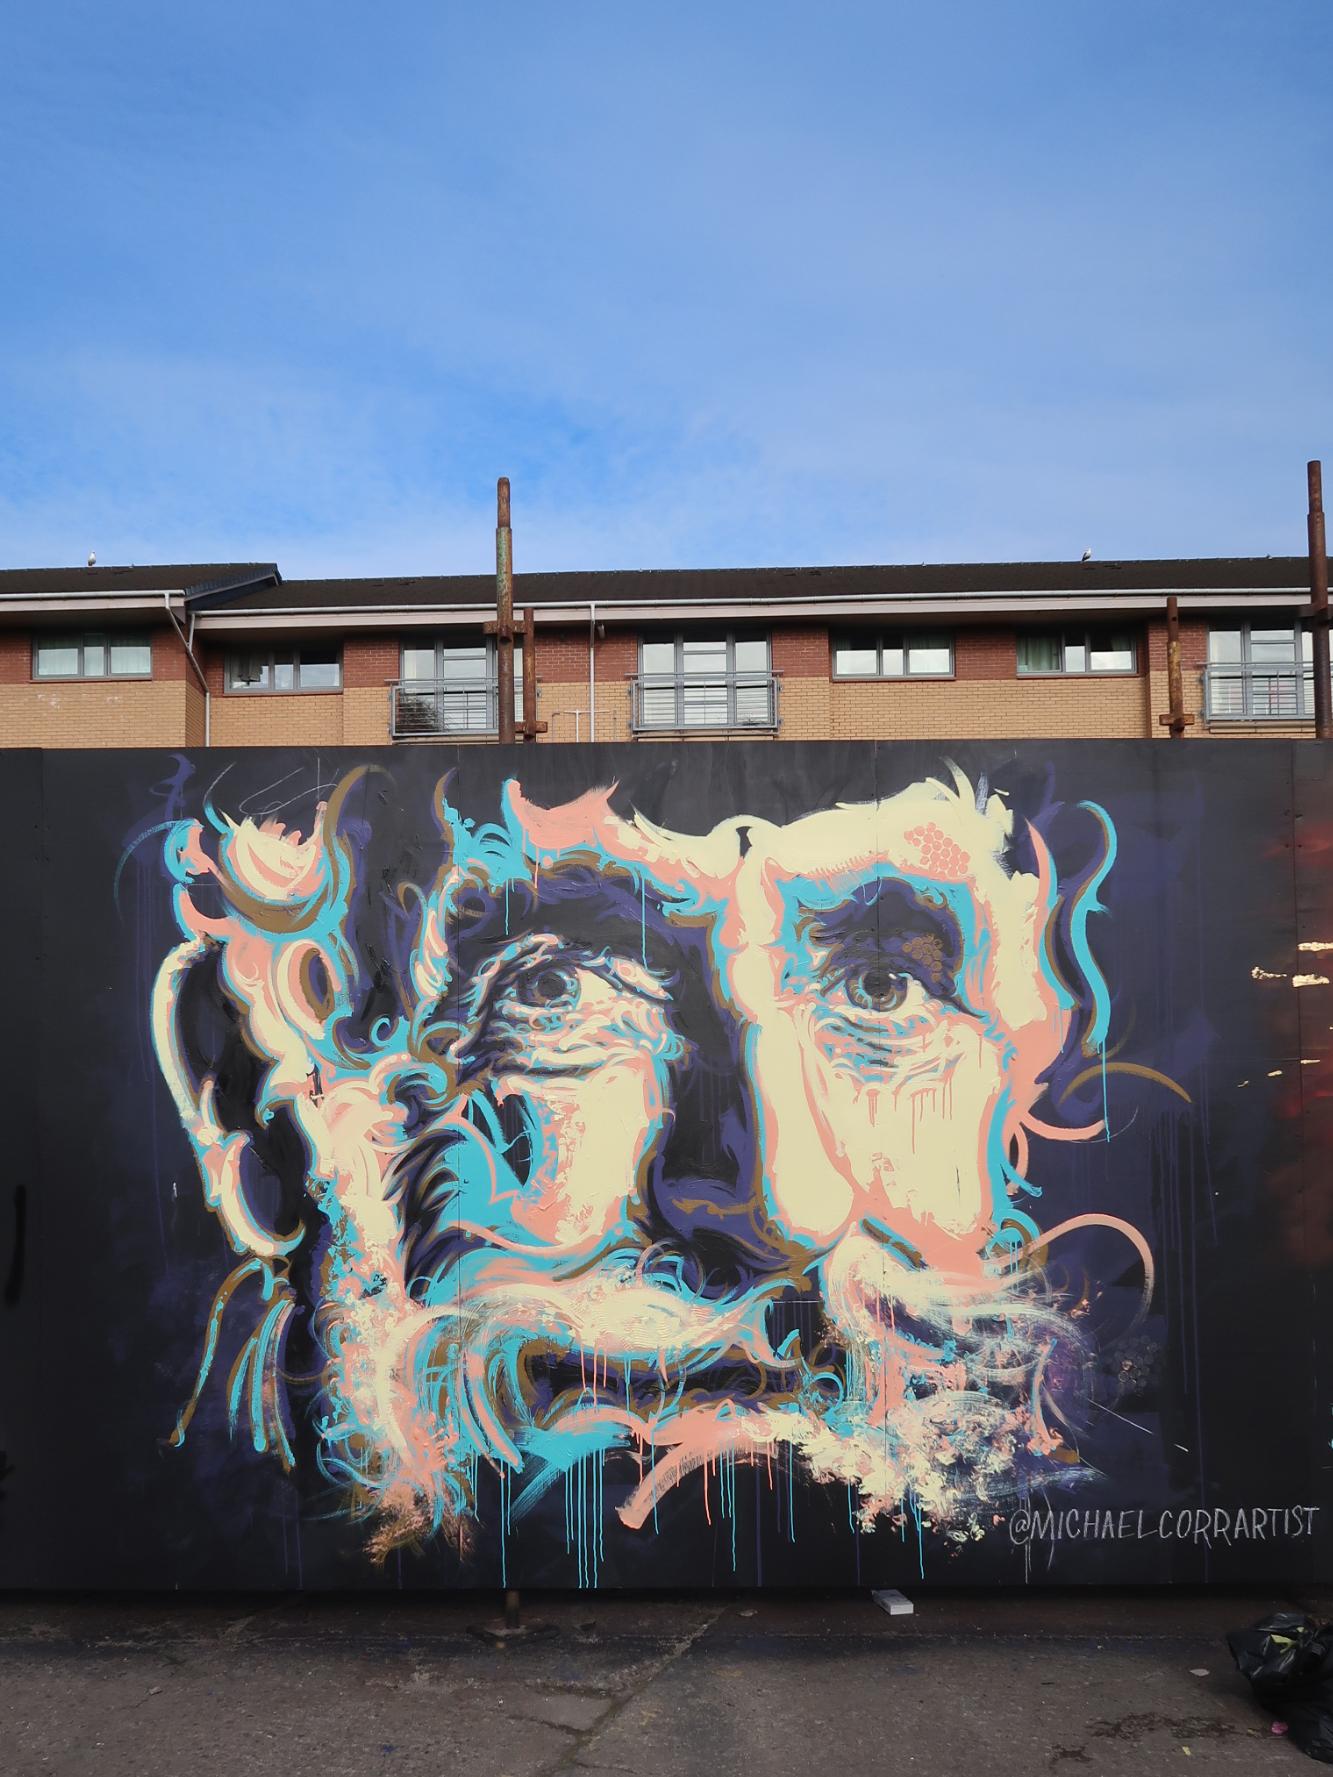 John_Byrne_Mural_Yardworks_Festival_2019_MCorr_2.JPG